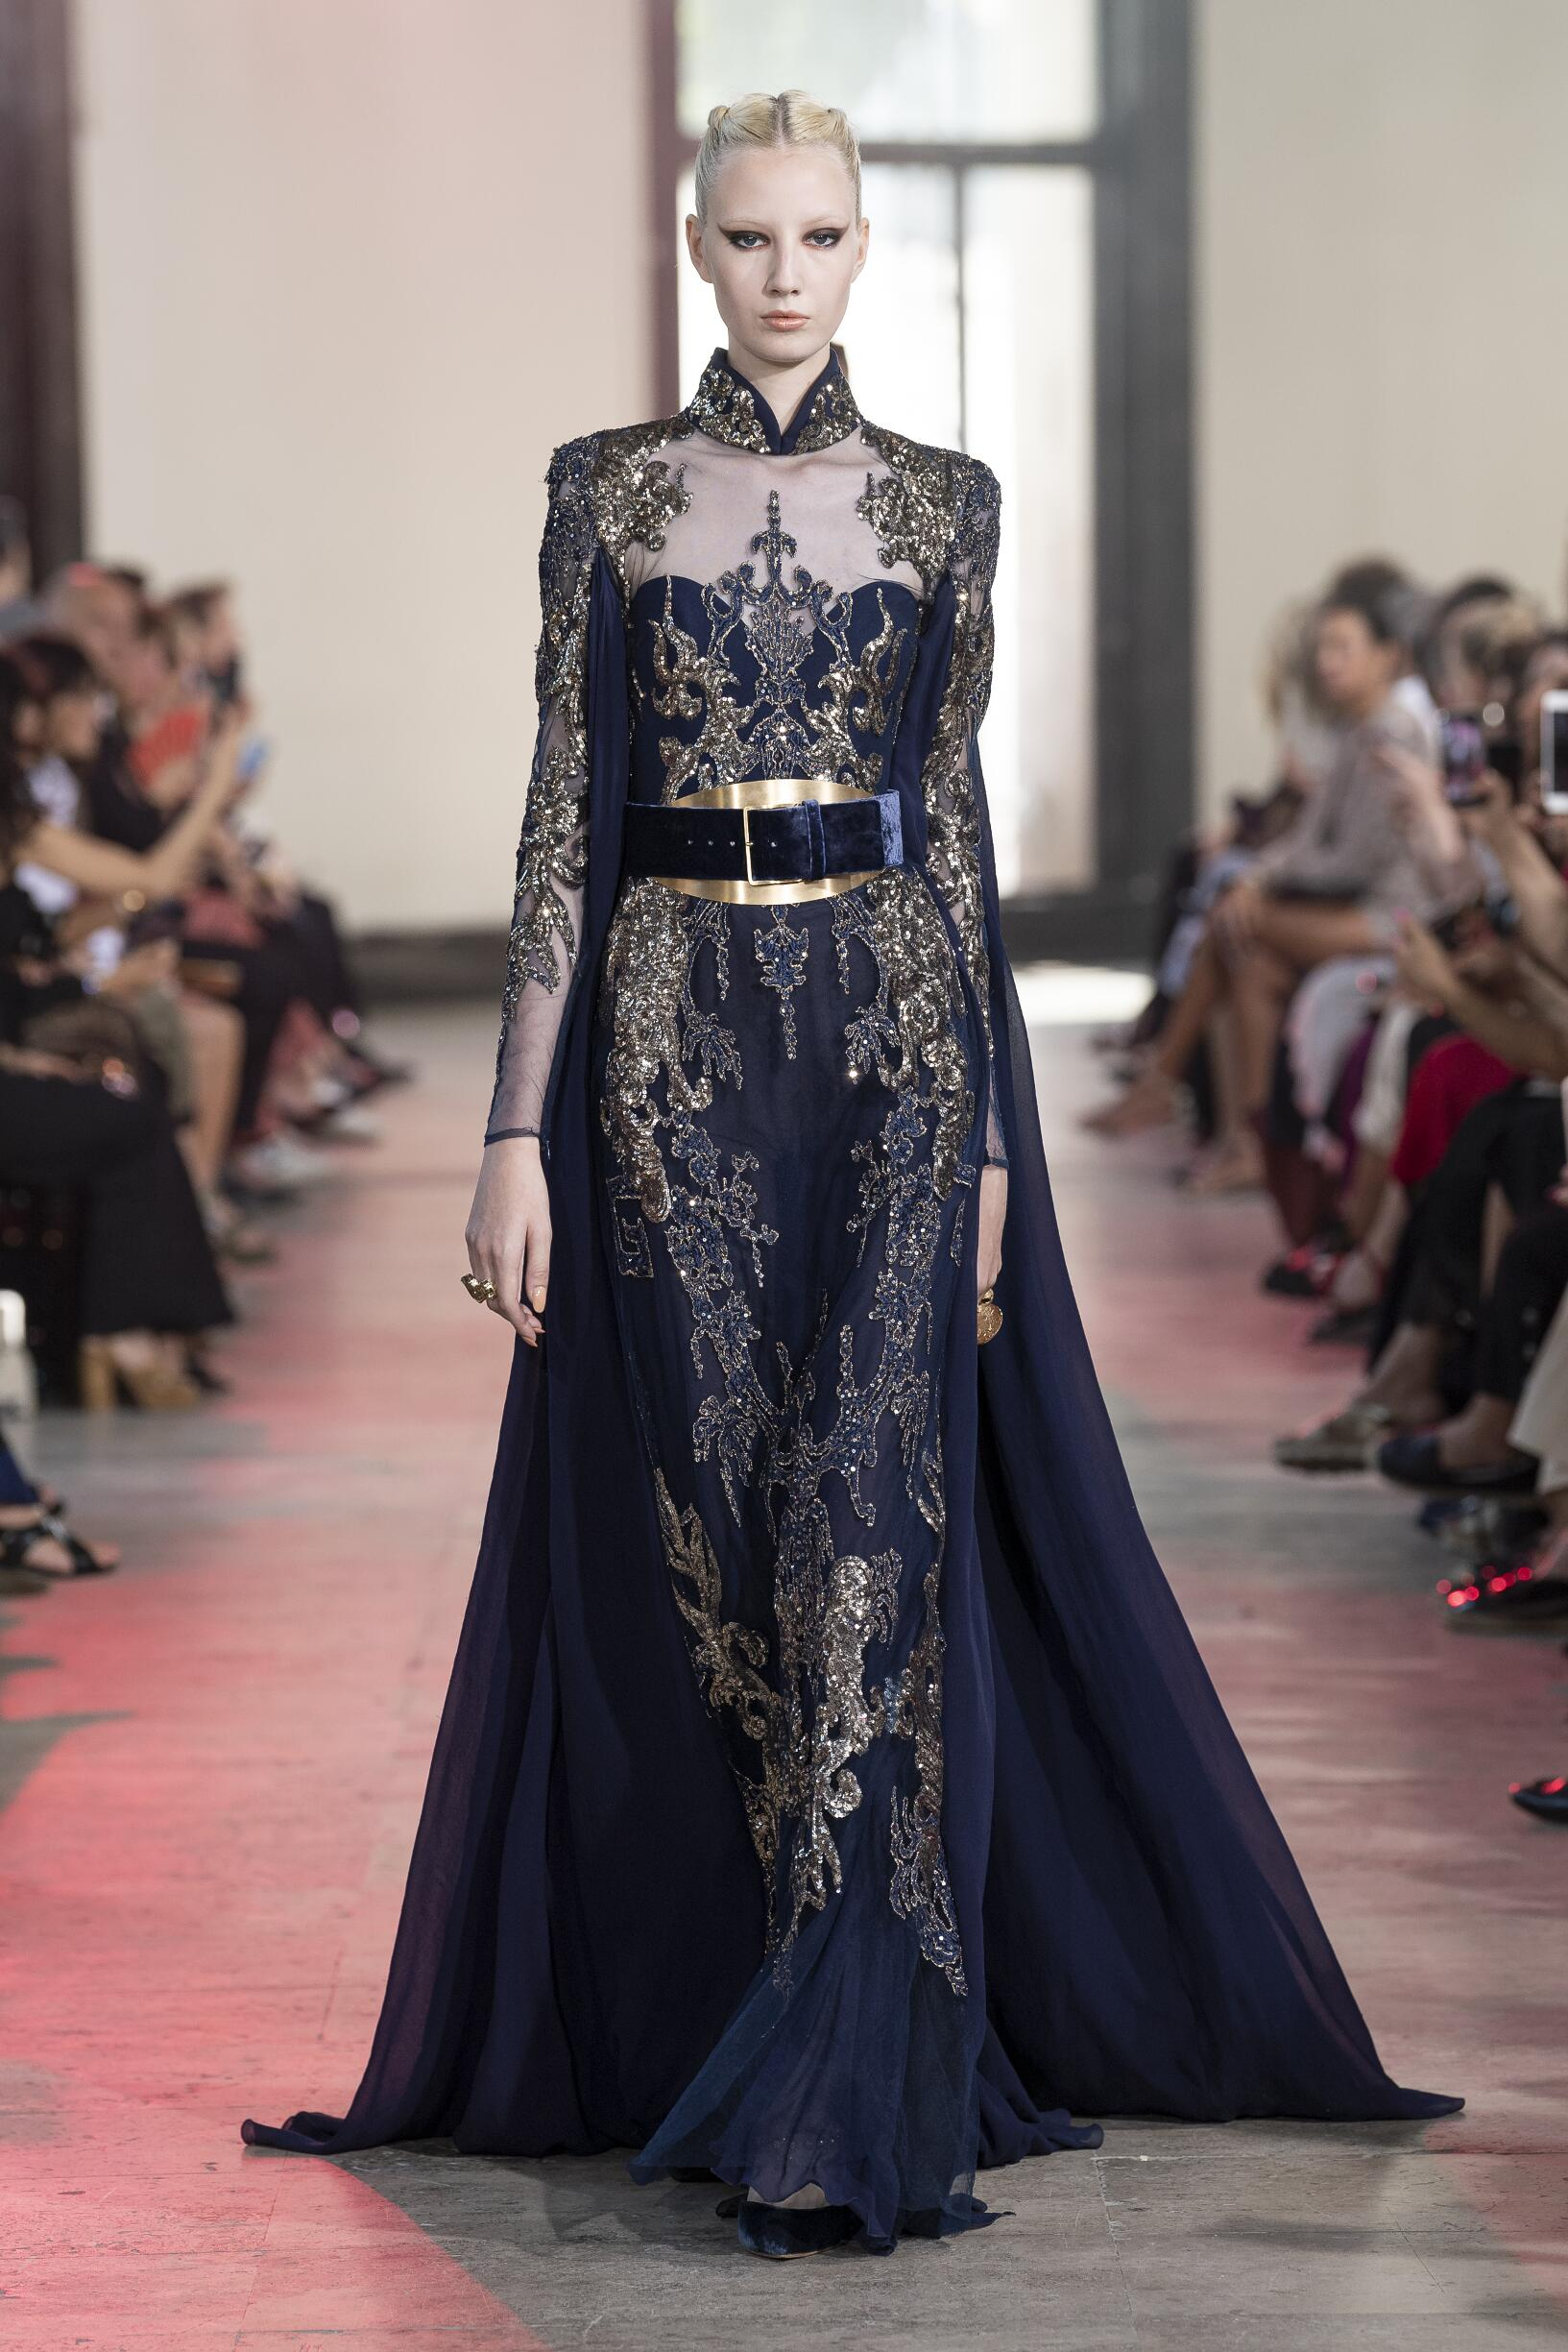 Elie Saab Haute Couture Woman 2019-20